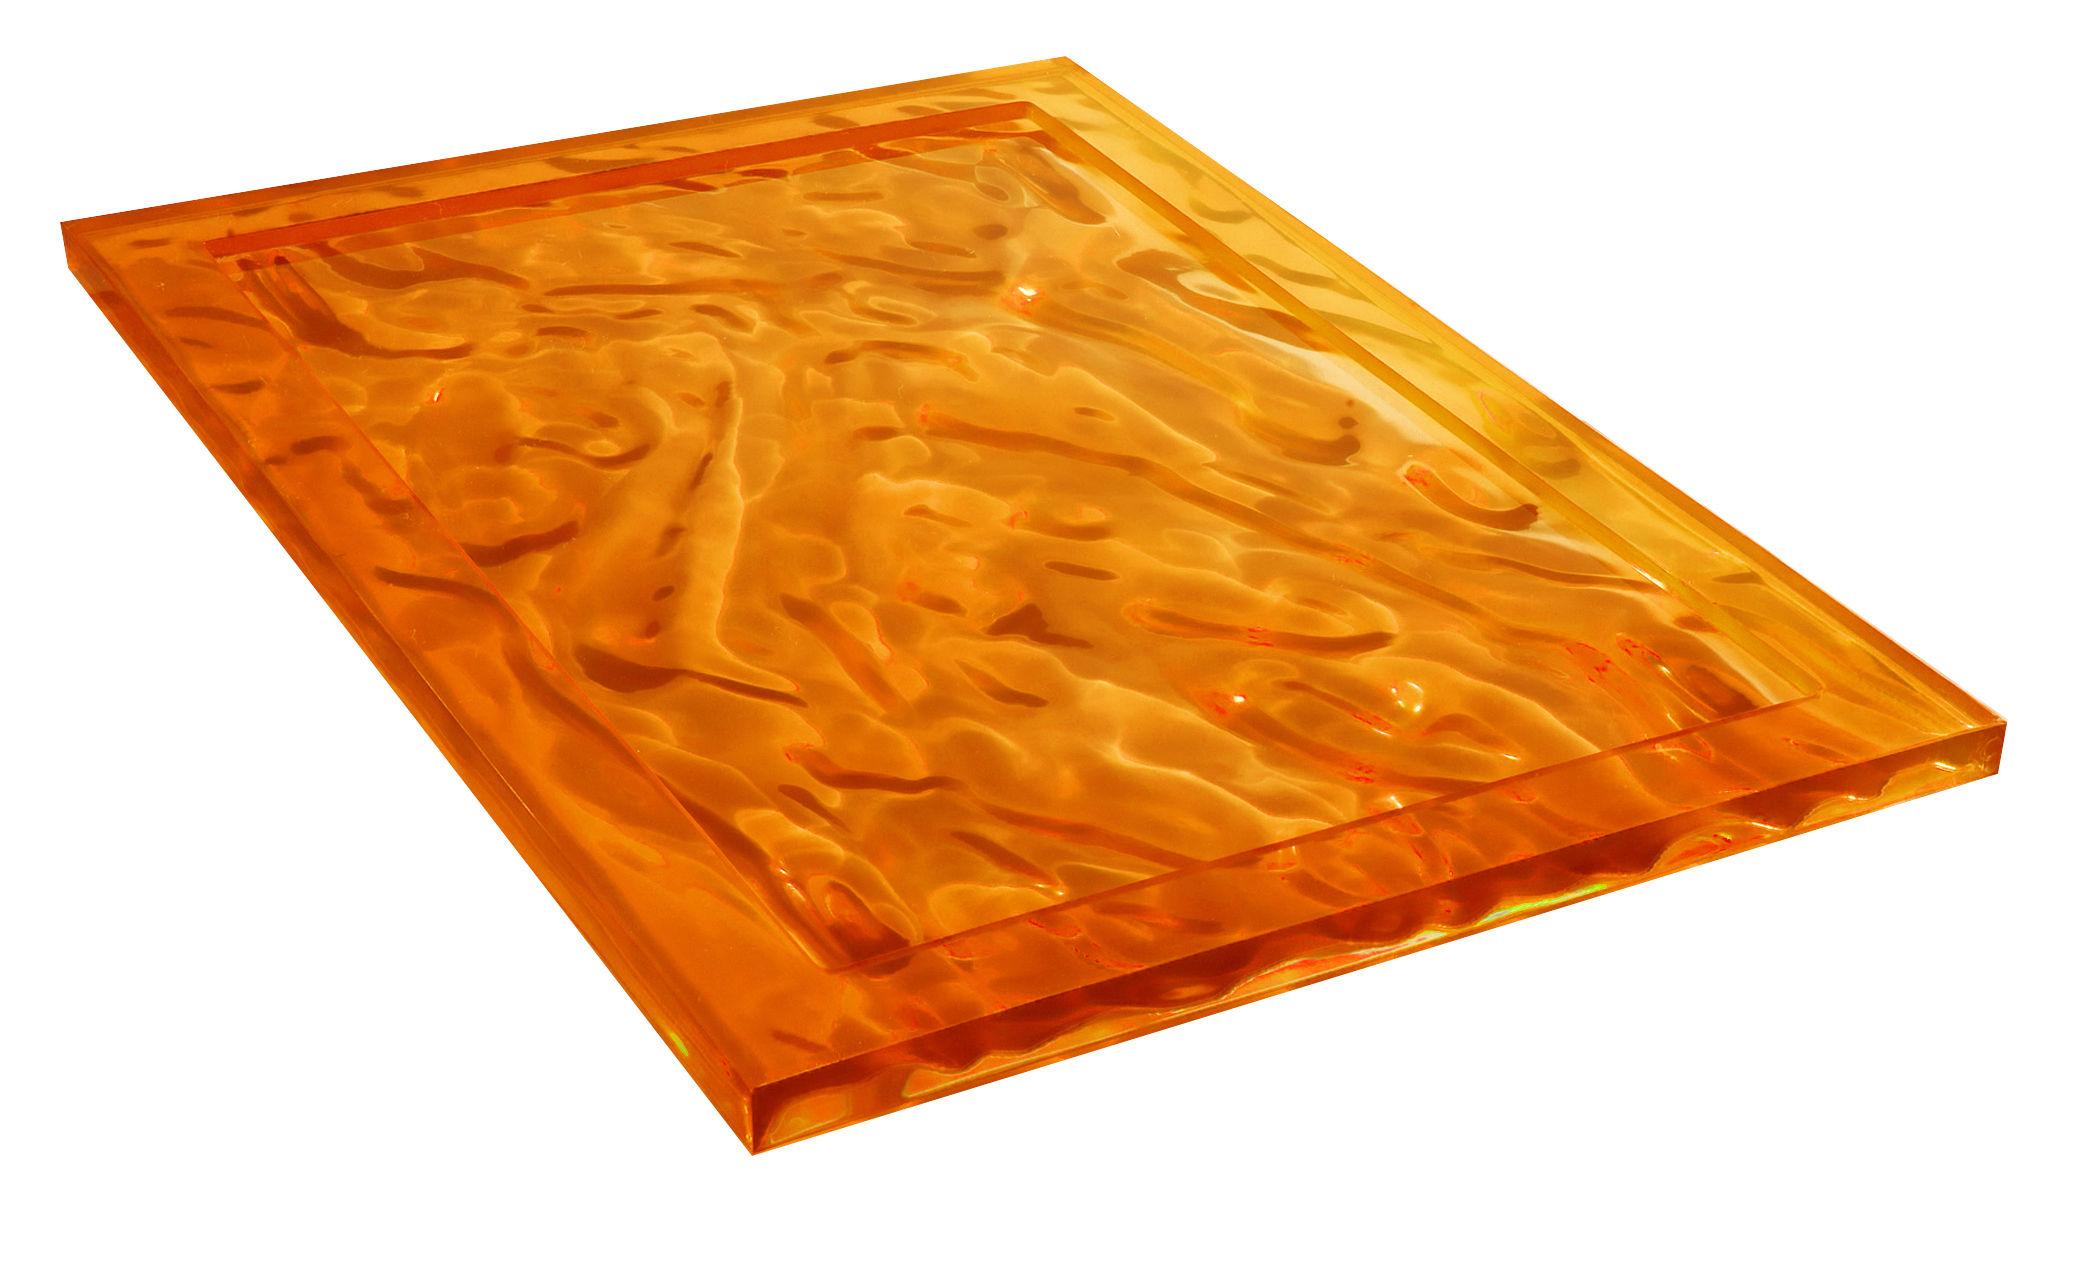 Tischkultur - Tabletts - Dune Small Tablett 46 x 32 cm - Kartell - Orange - Technoplymer